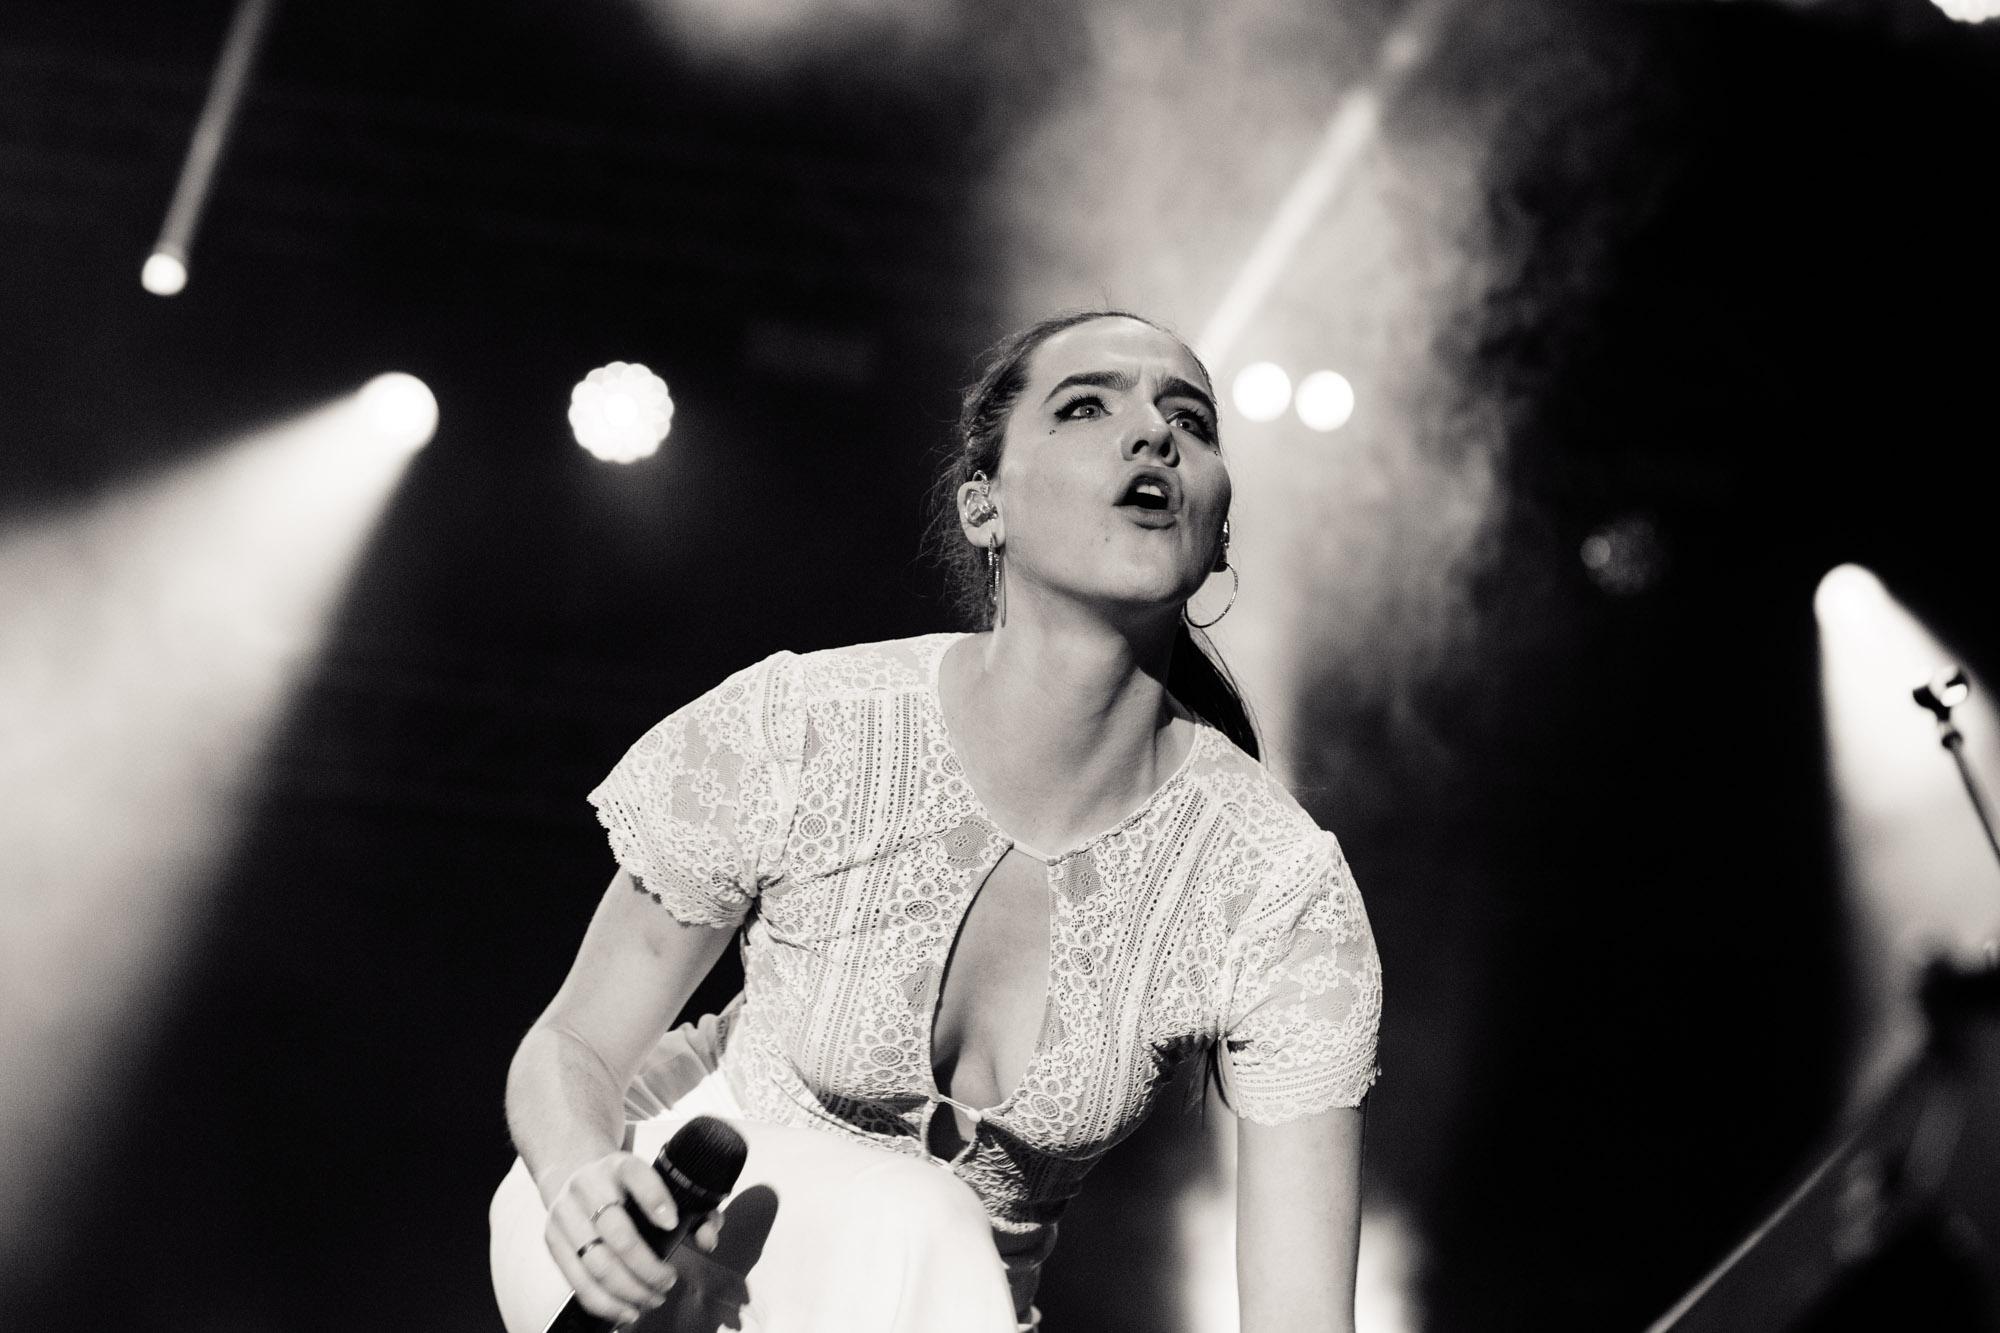 photo by Manuela Uribe